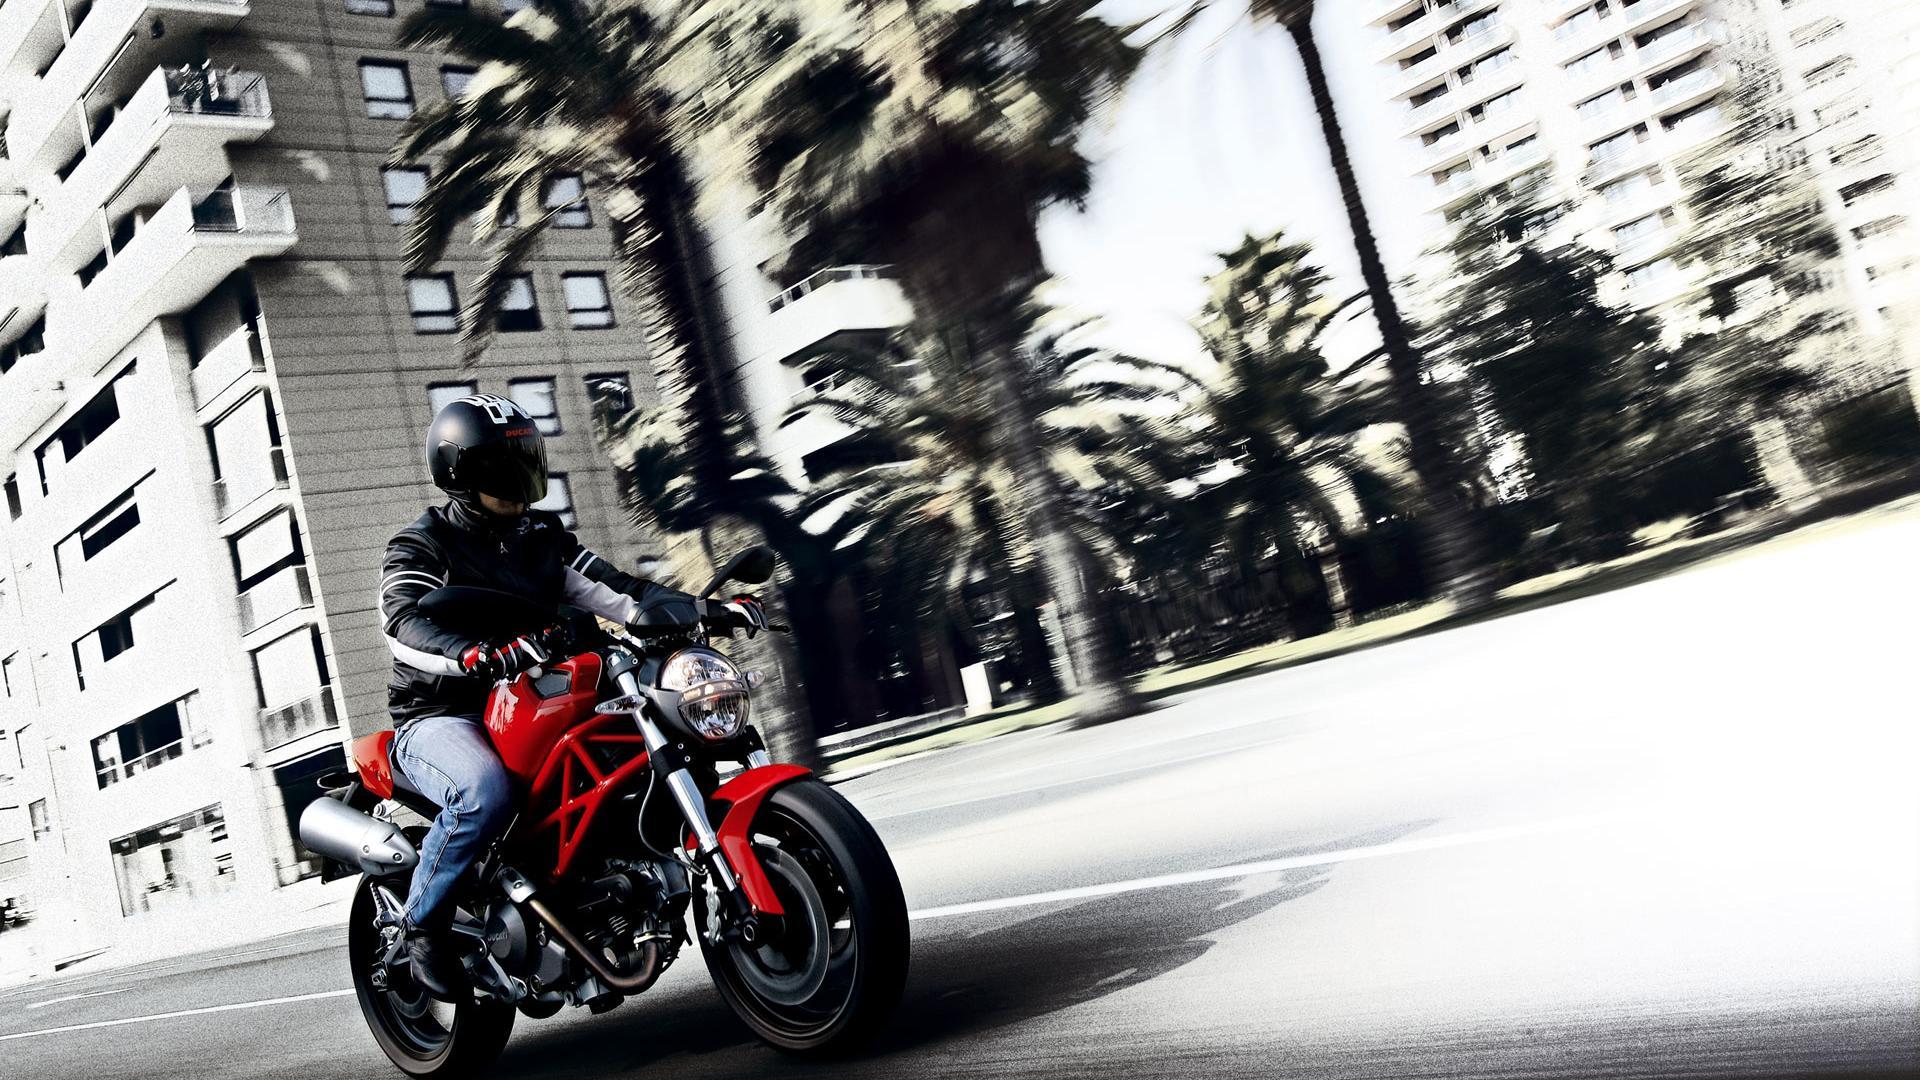 Ducati monster 696 wallpaper Wallpaper Wide HD 1920x1080